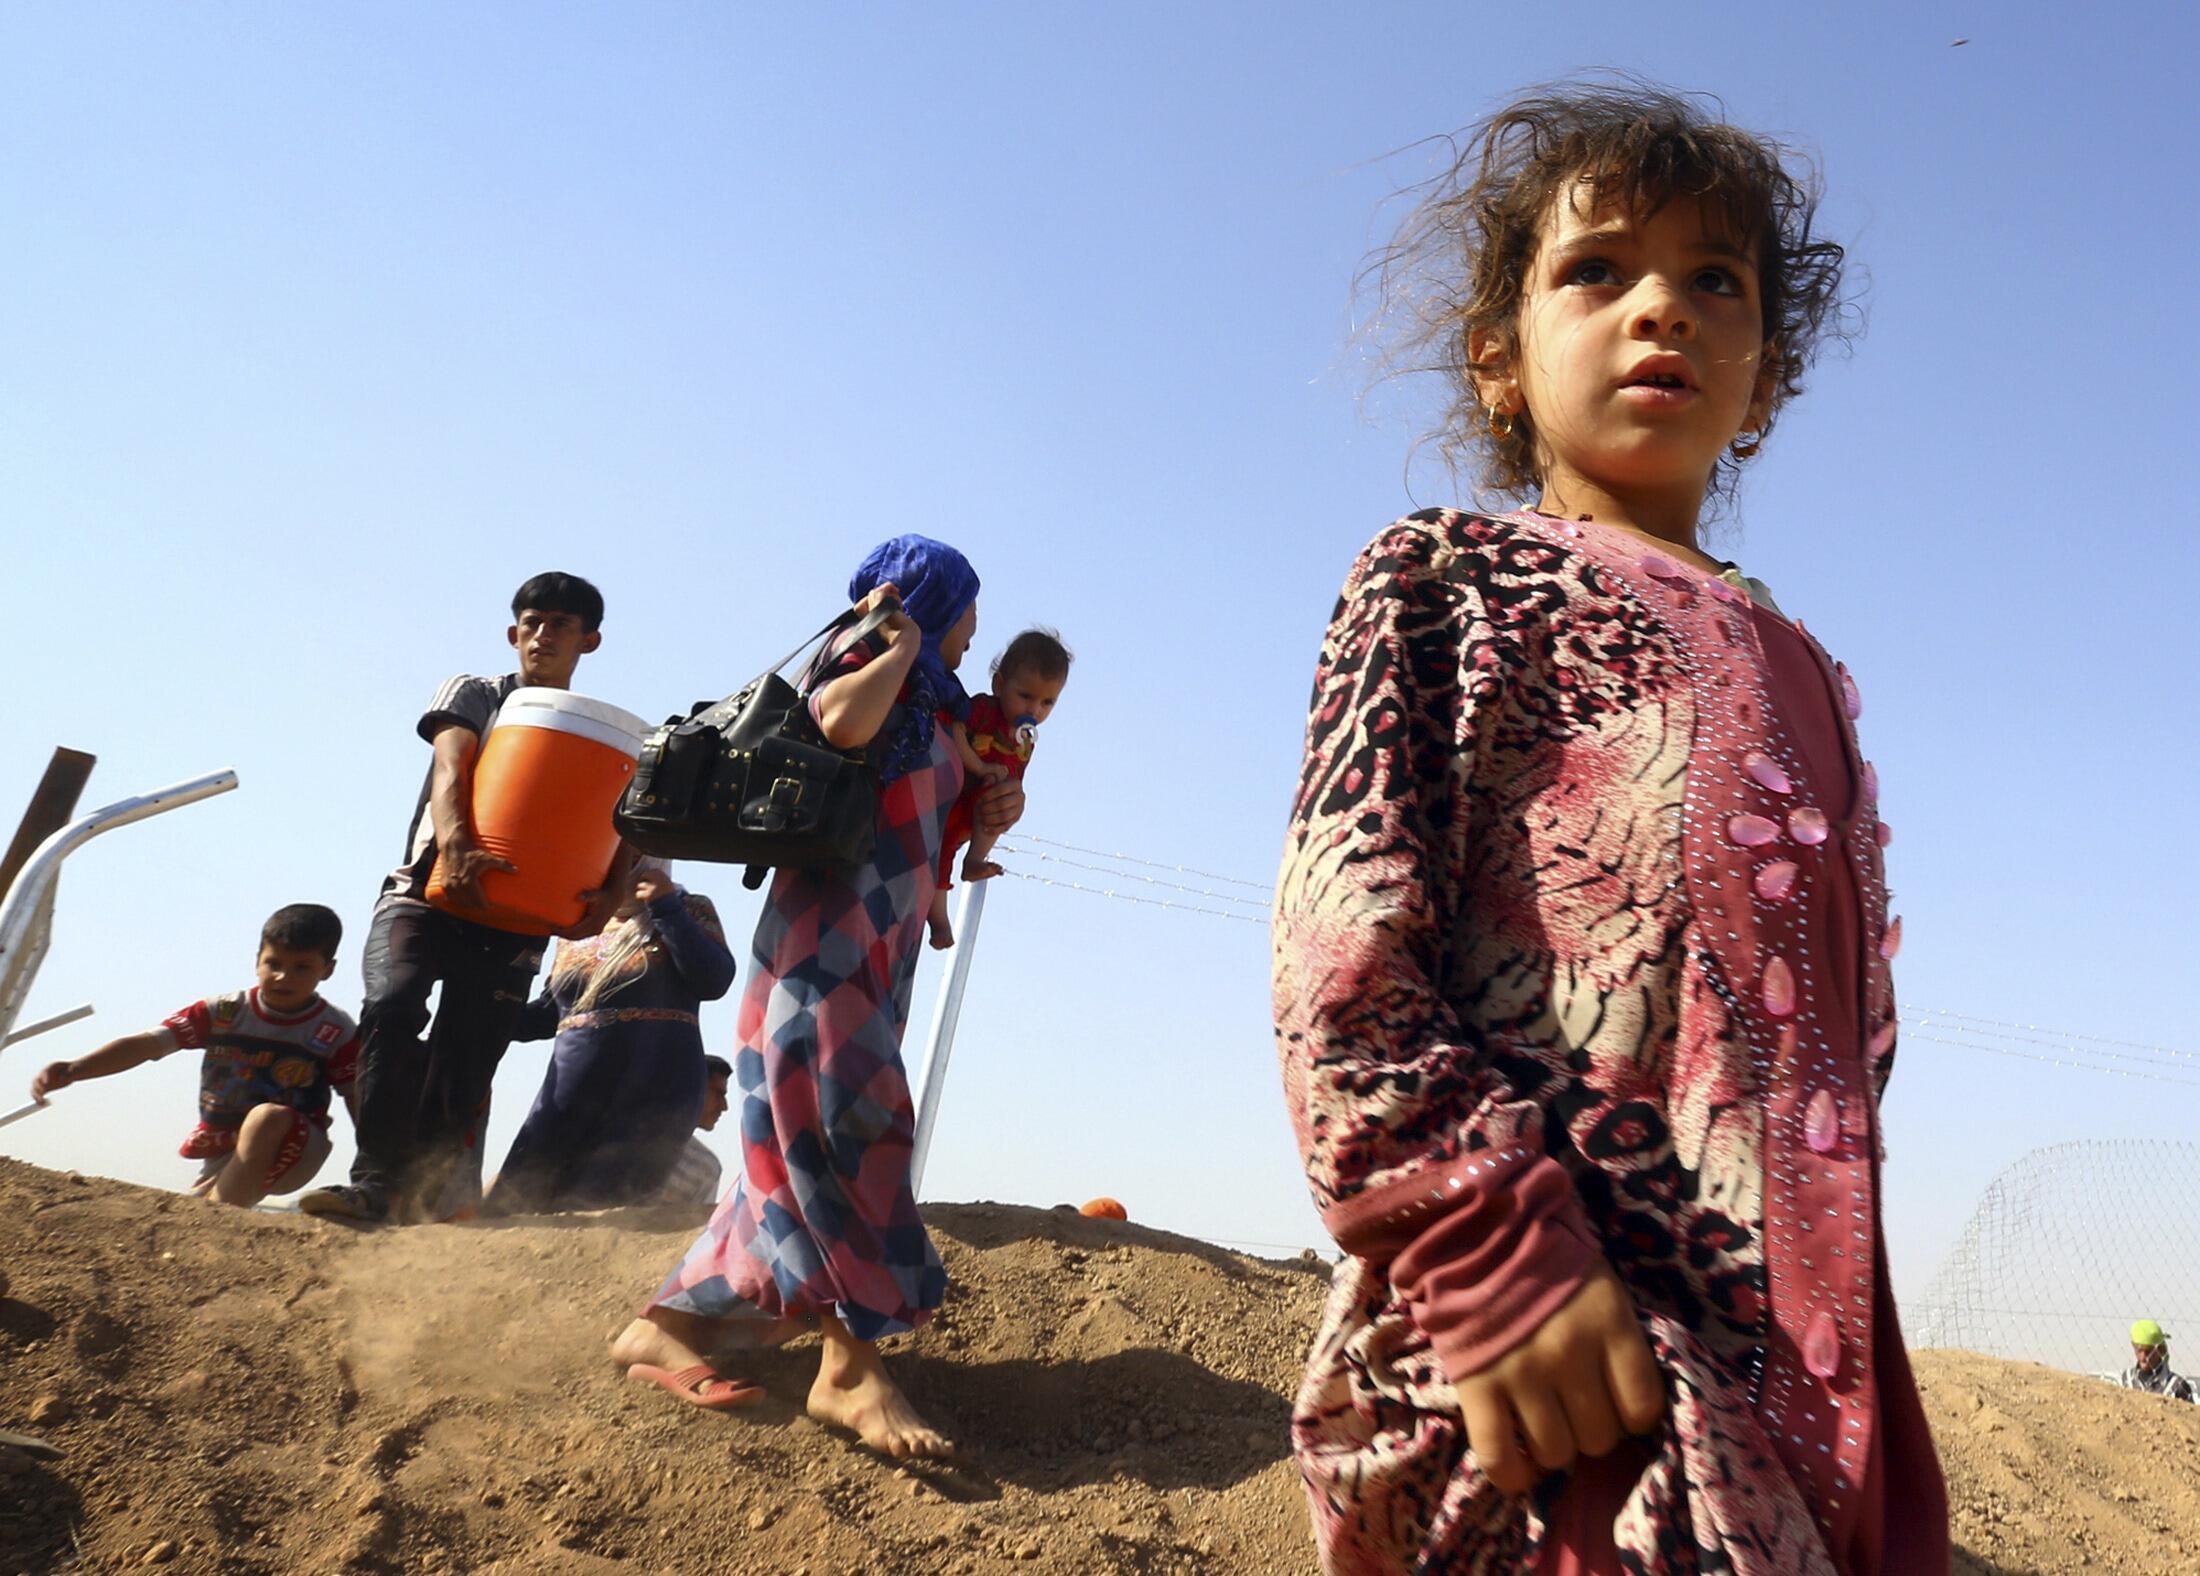 Thường dân Irak lên đường lánh nạn, bị mắc kẹt trong vùng núi Sinjar Des - REUTERS /Stringer